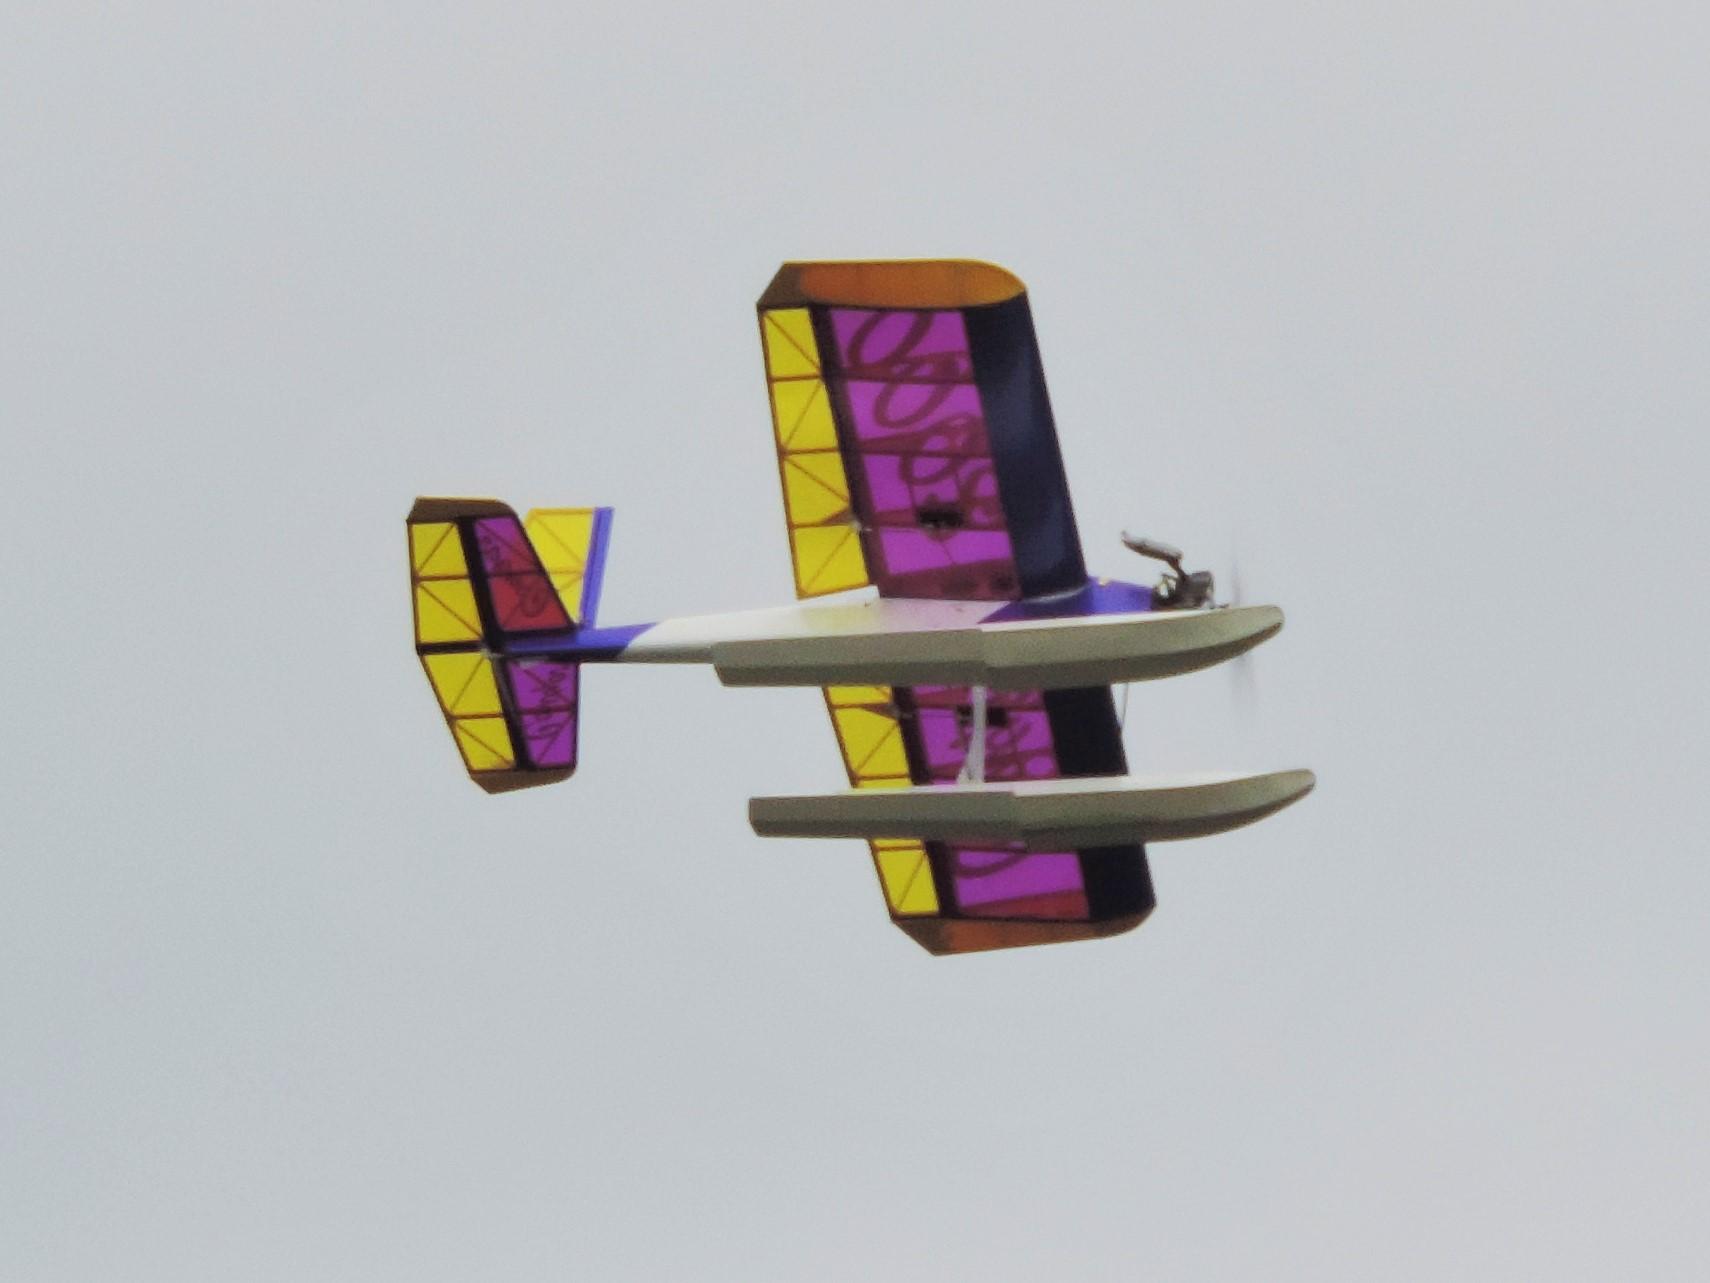 DSCN3120.JPG